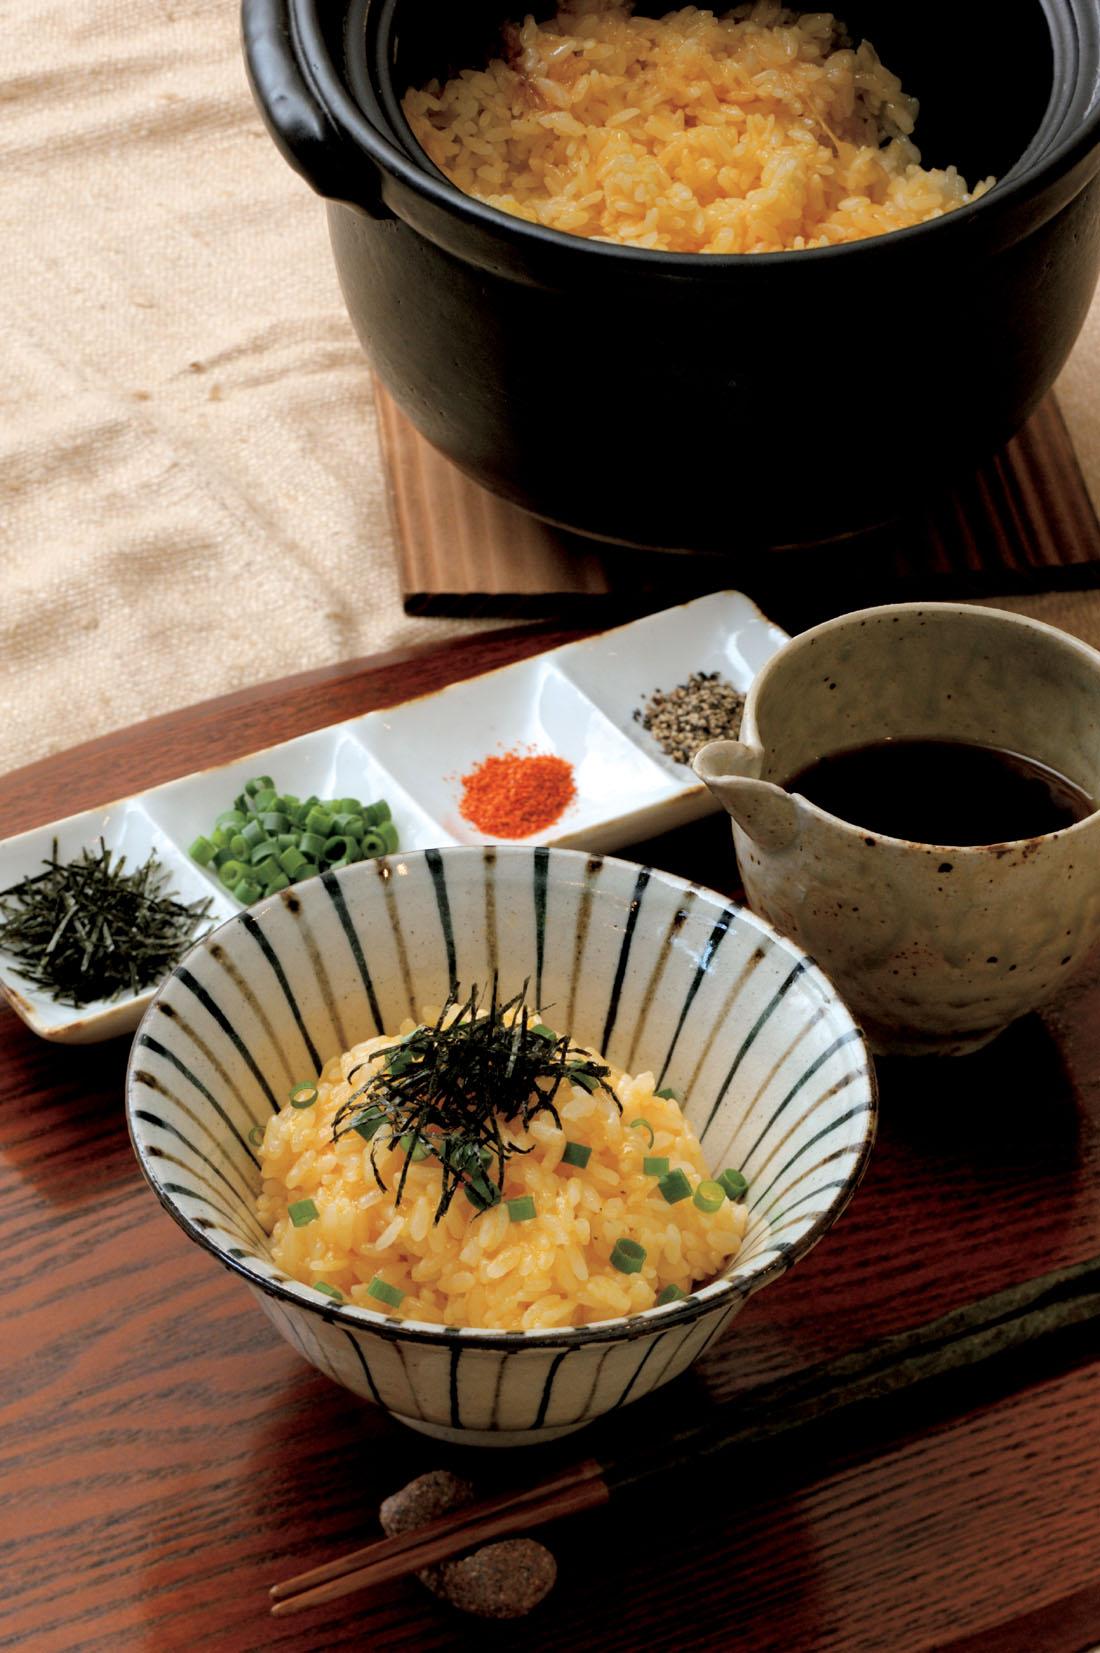 ⑦ 蒸らしている間に、出汁150㏄に醤油を加えて出汁醤油を作っておく。ご飯を茶碗によそって、好みで薬味をのせたら出汁醤油を好みの量加えて味を調える。